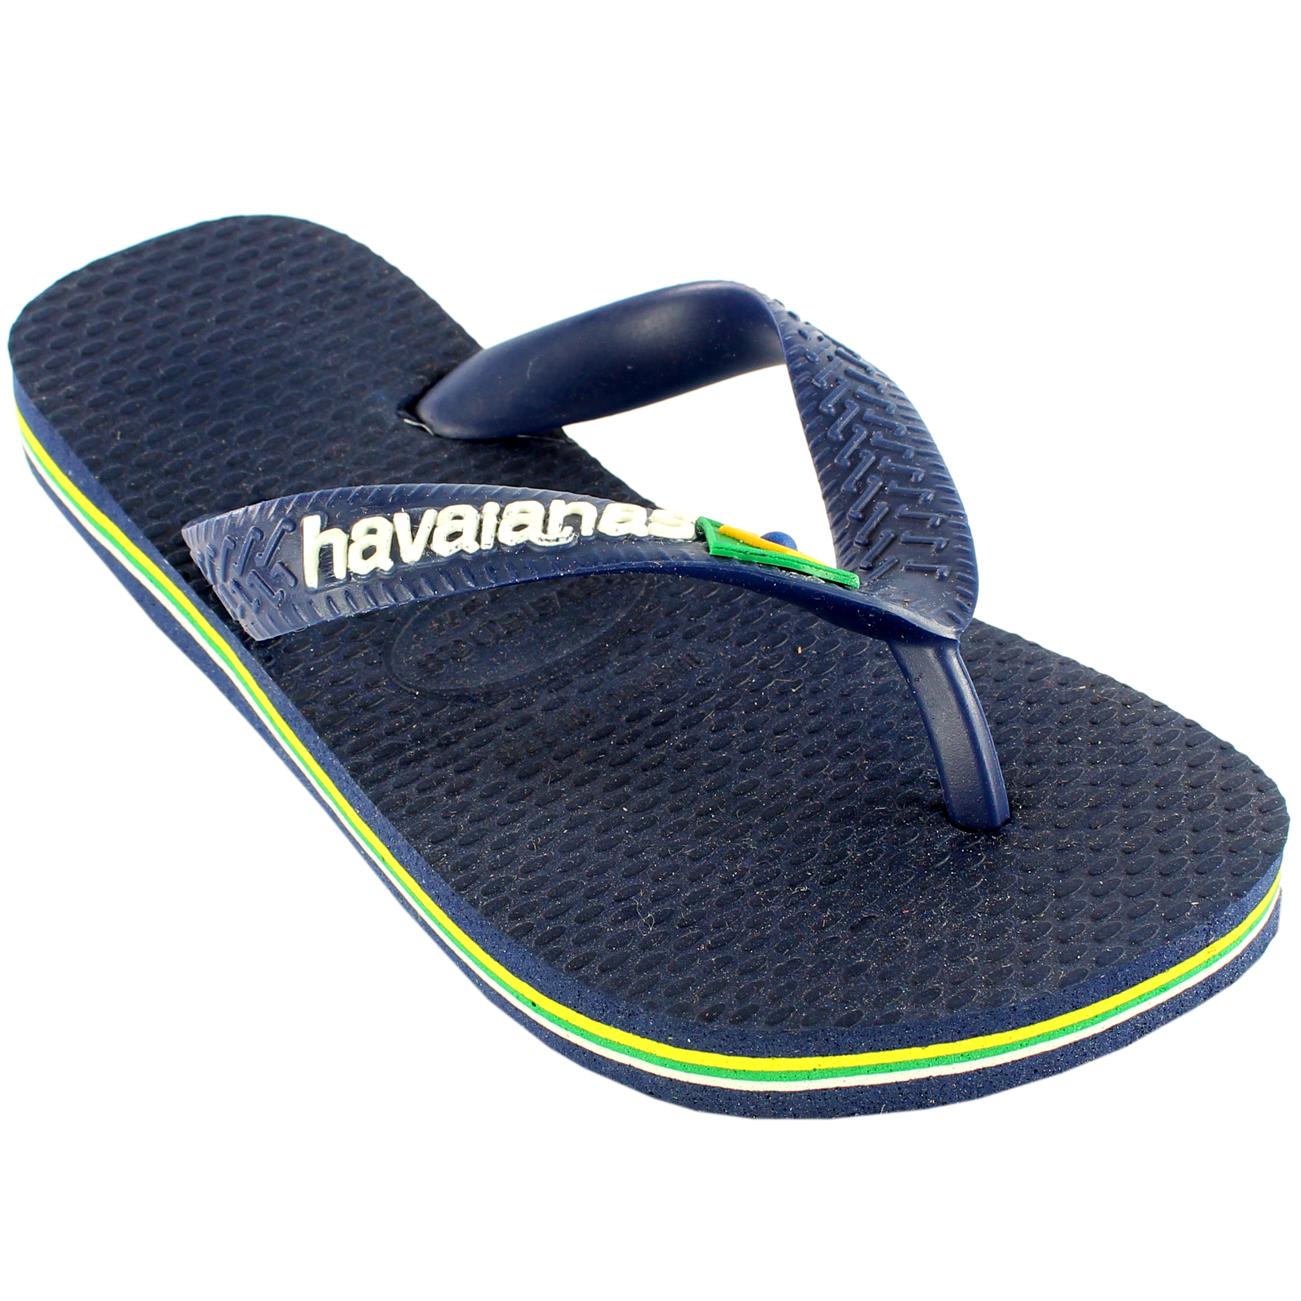 Unisex Kids Havaianas Logo Slip On Summer Beach Sandal Flip Flops UK Sizes 8-4